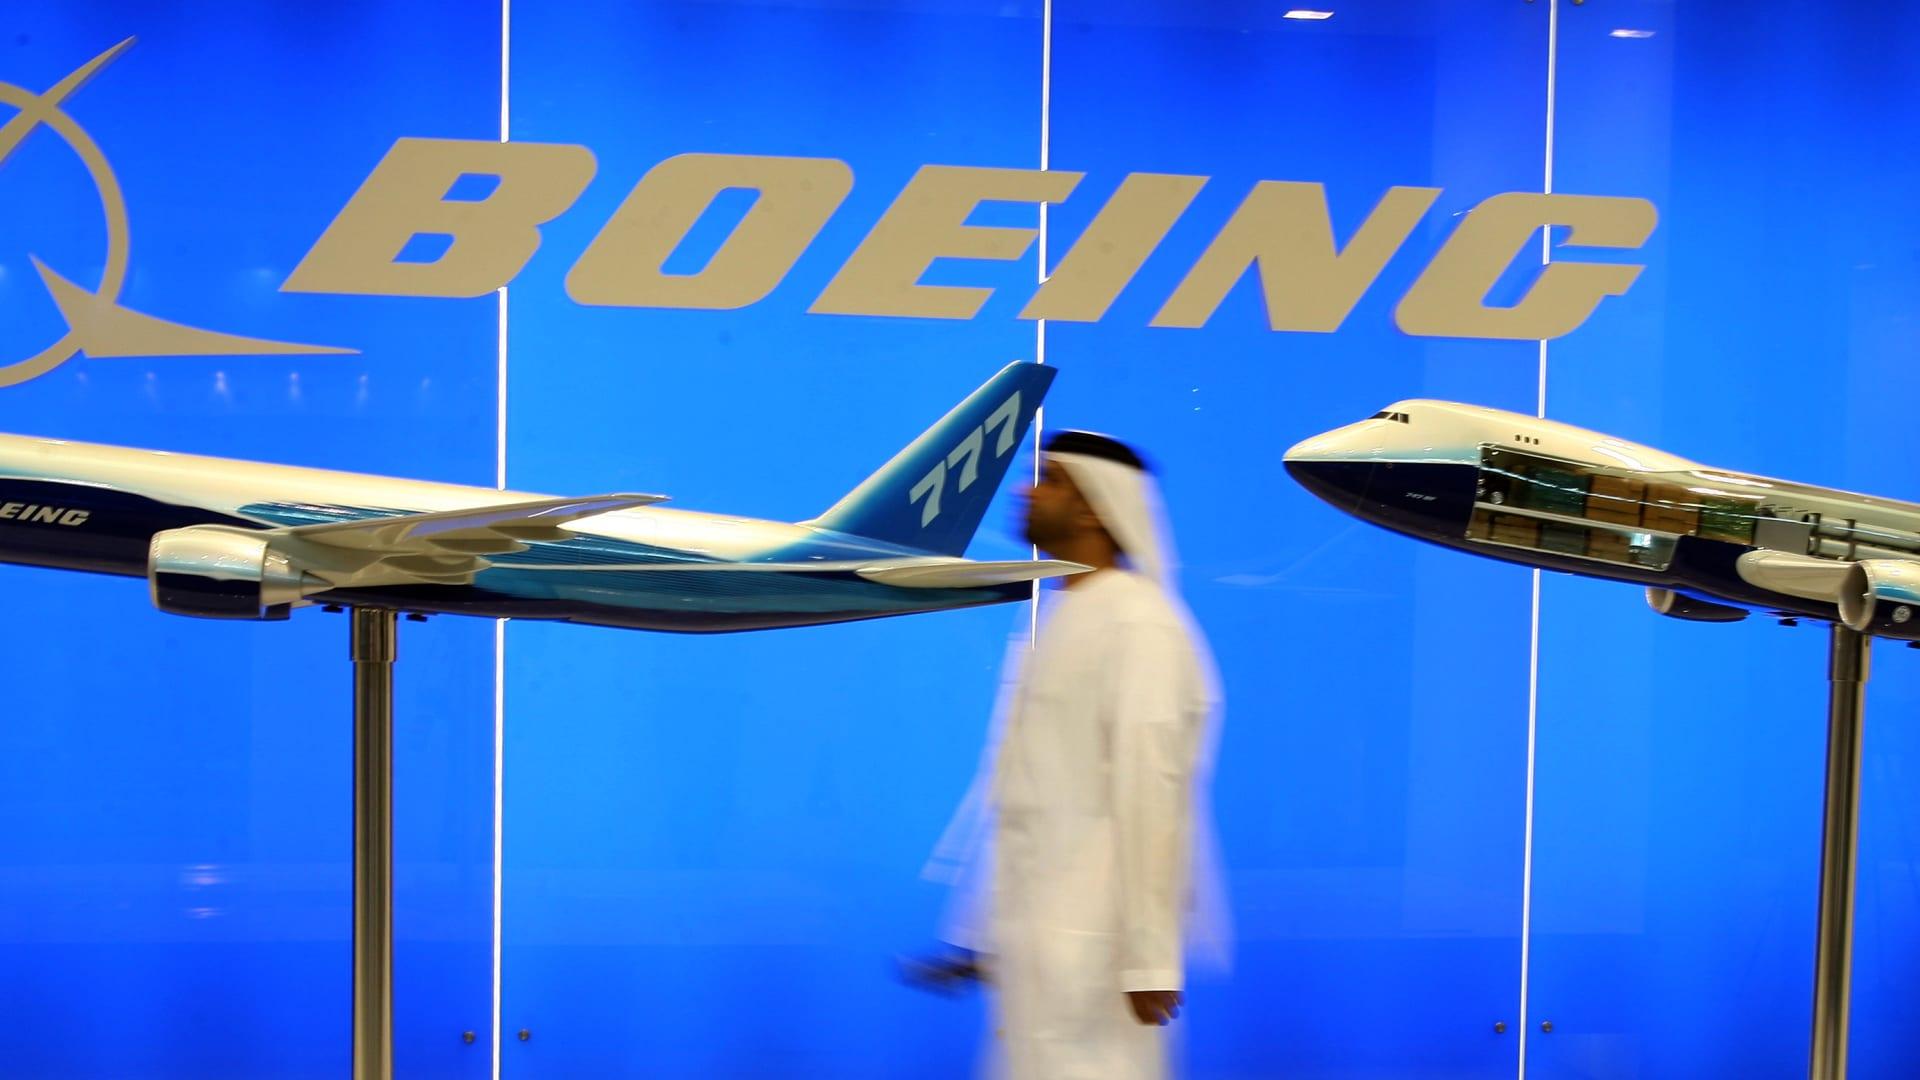 الإمارات تدرس السماح لطائرات بوينغ 737 ماكس العودة إلى أجوائها